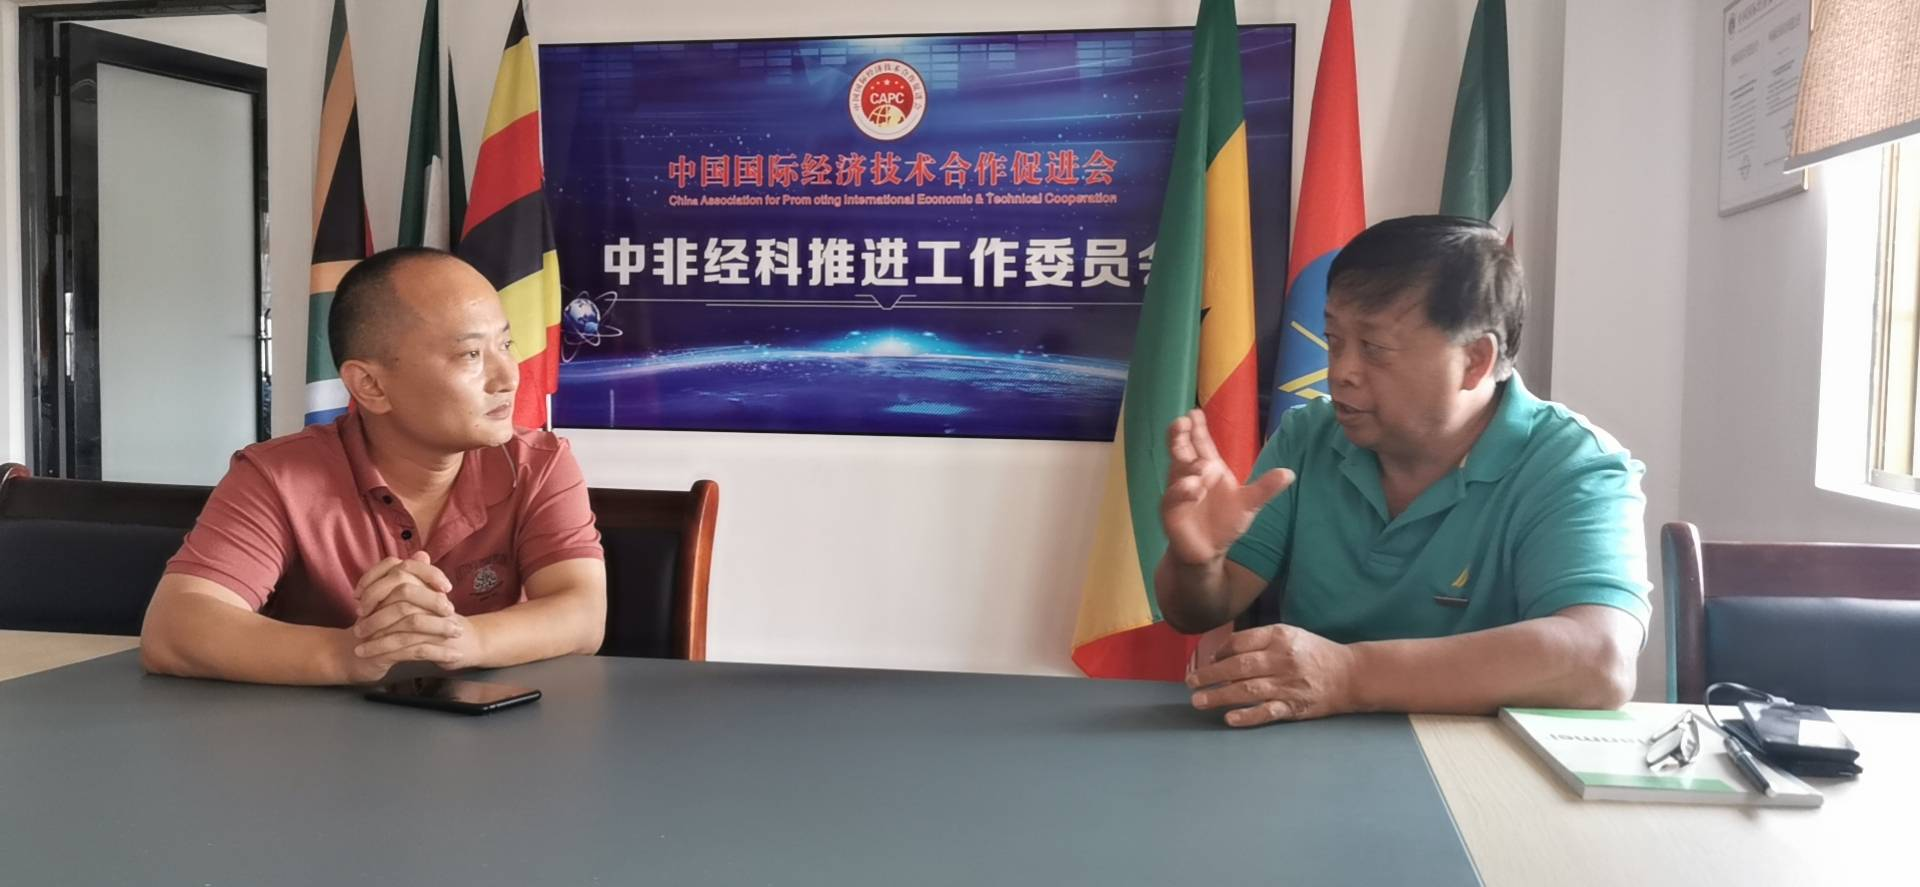 英超直播:中科国思生物科技有限公司将在海南筹备建立团结农业研究院